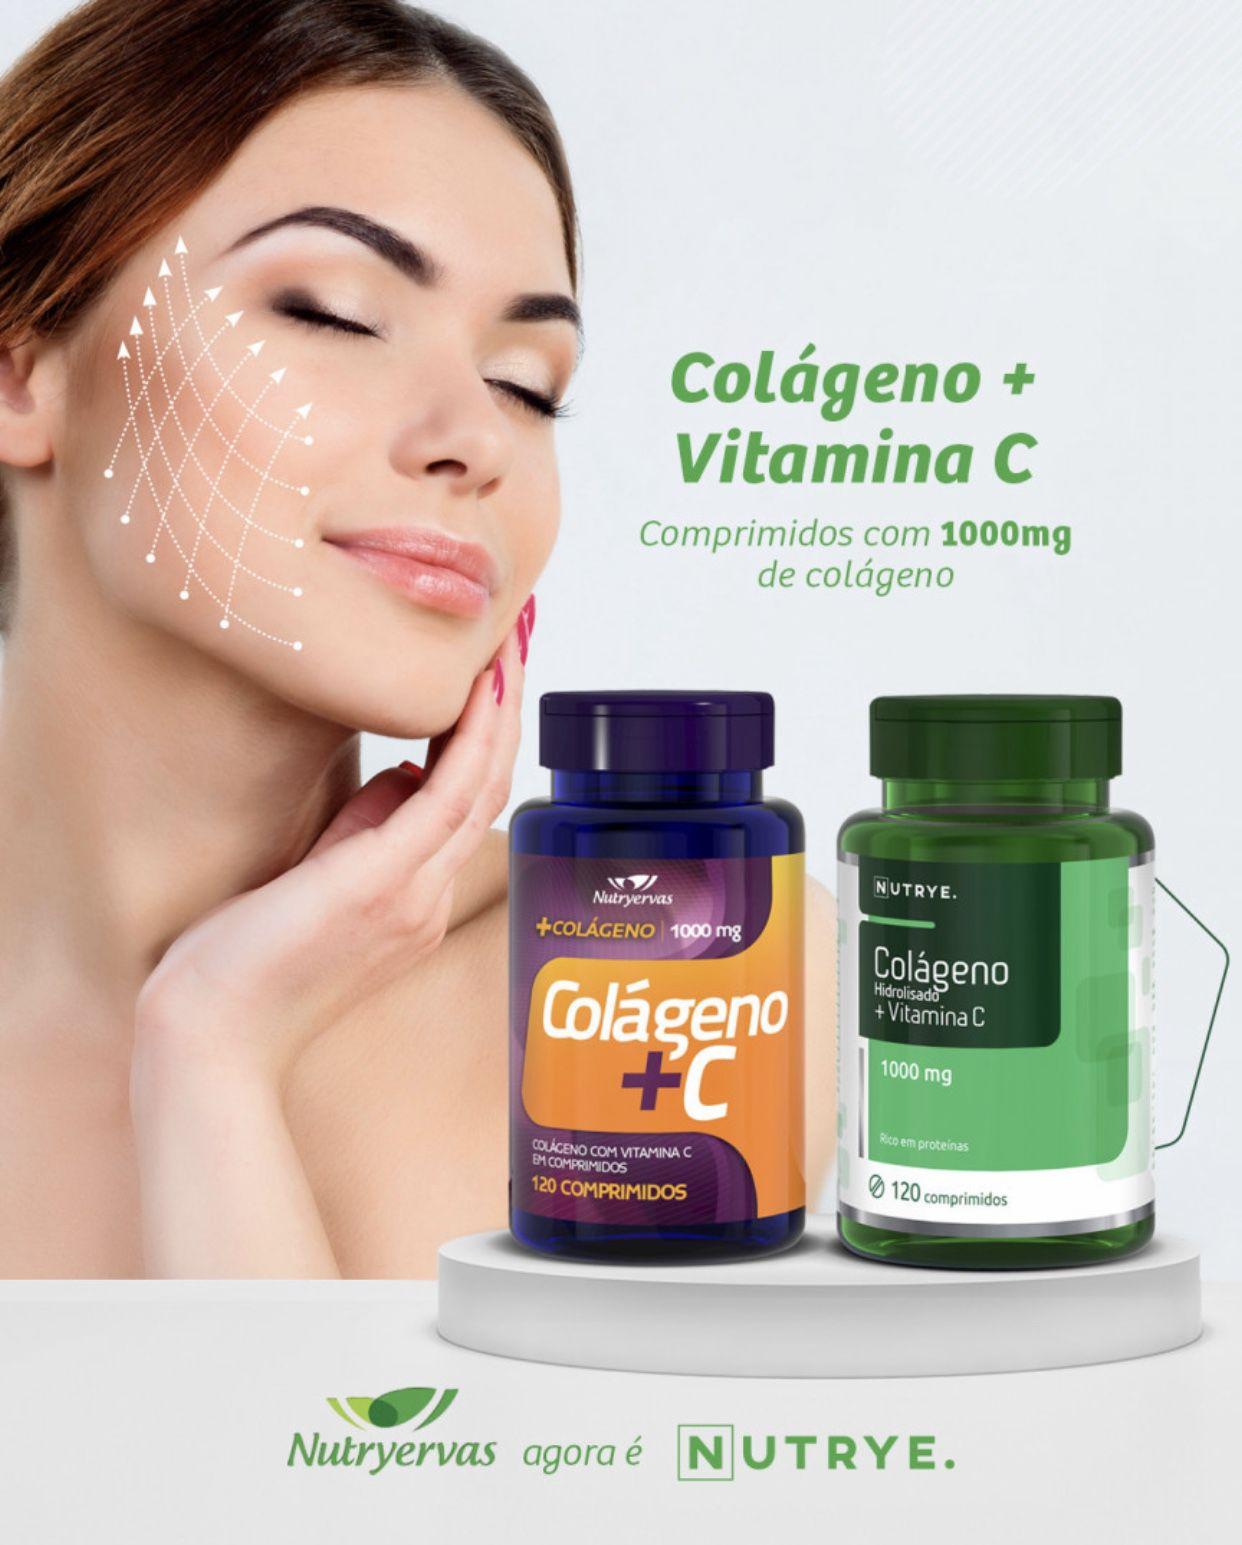 COLÁGENO + C NUTRYERVAS - 120 COMPRIMIDOS